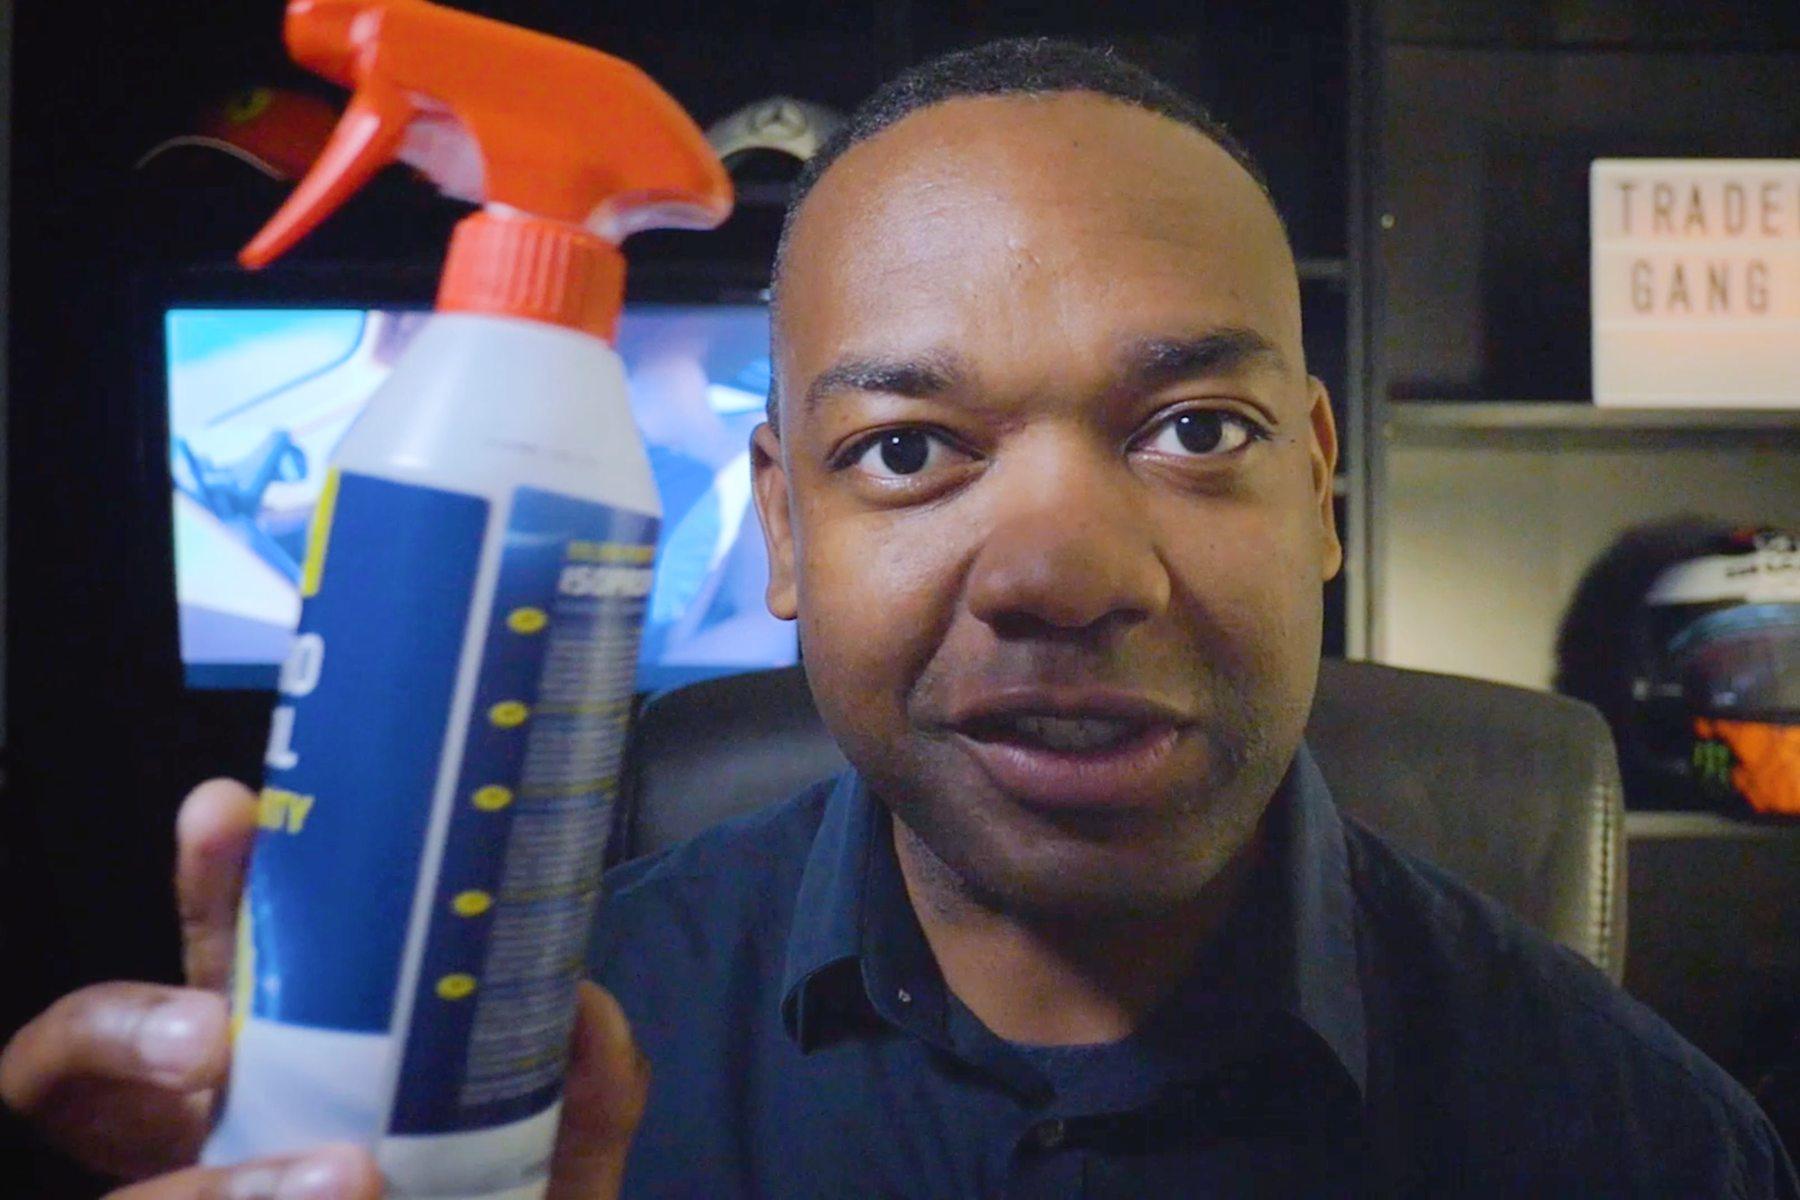 Rory Reid coronavirus car cleaning tips